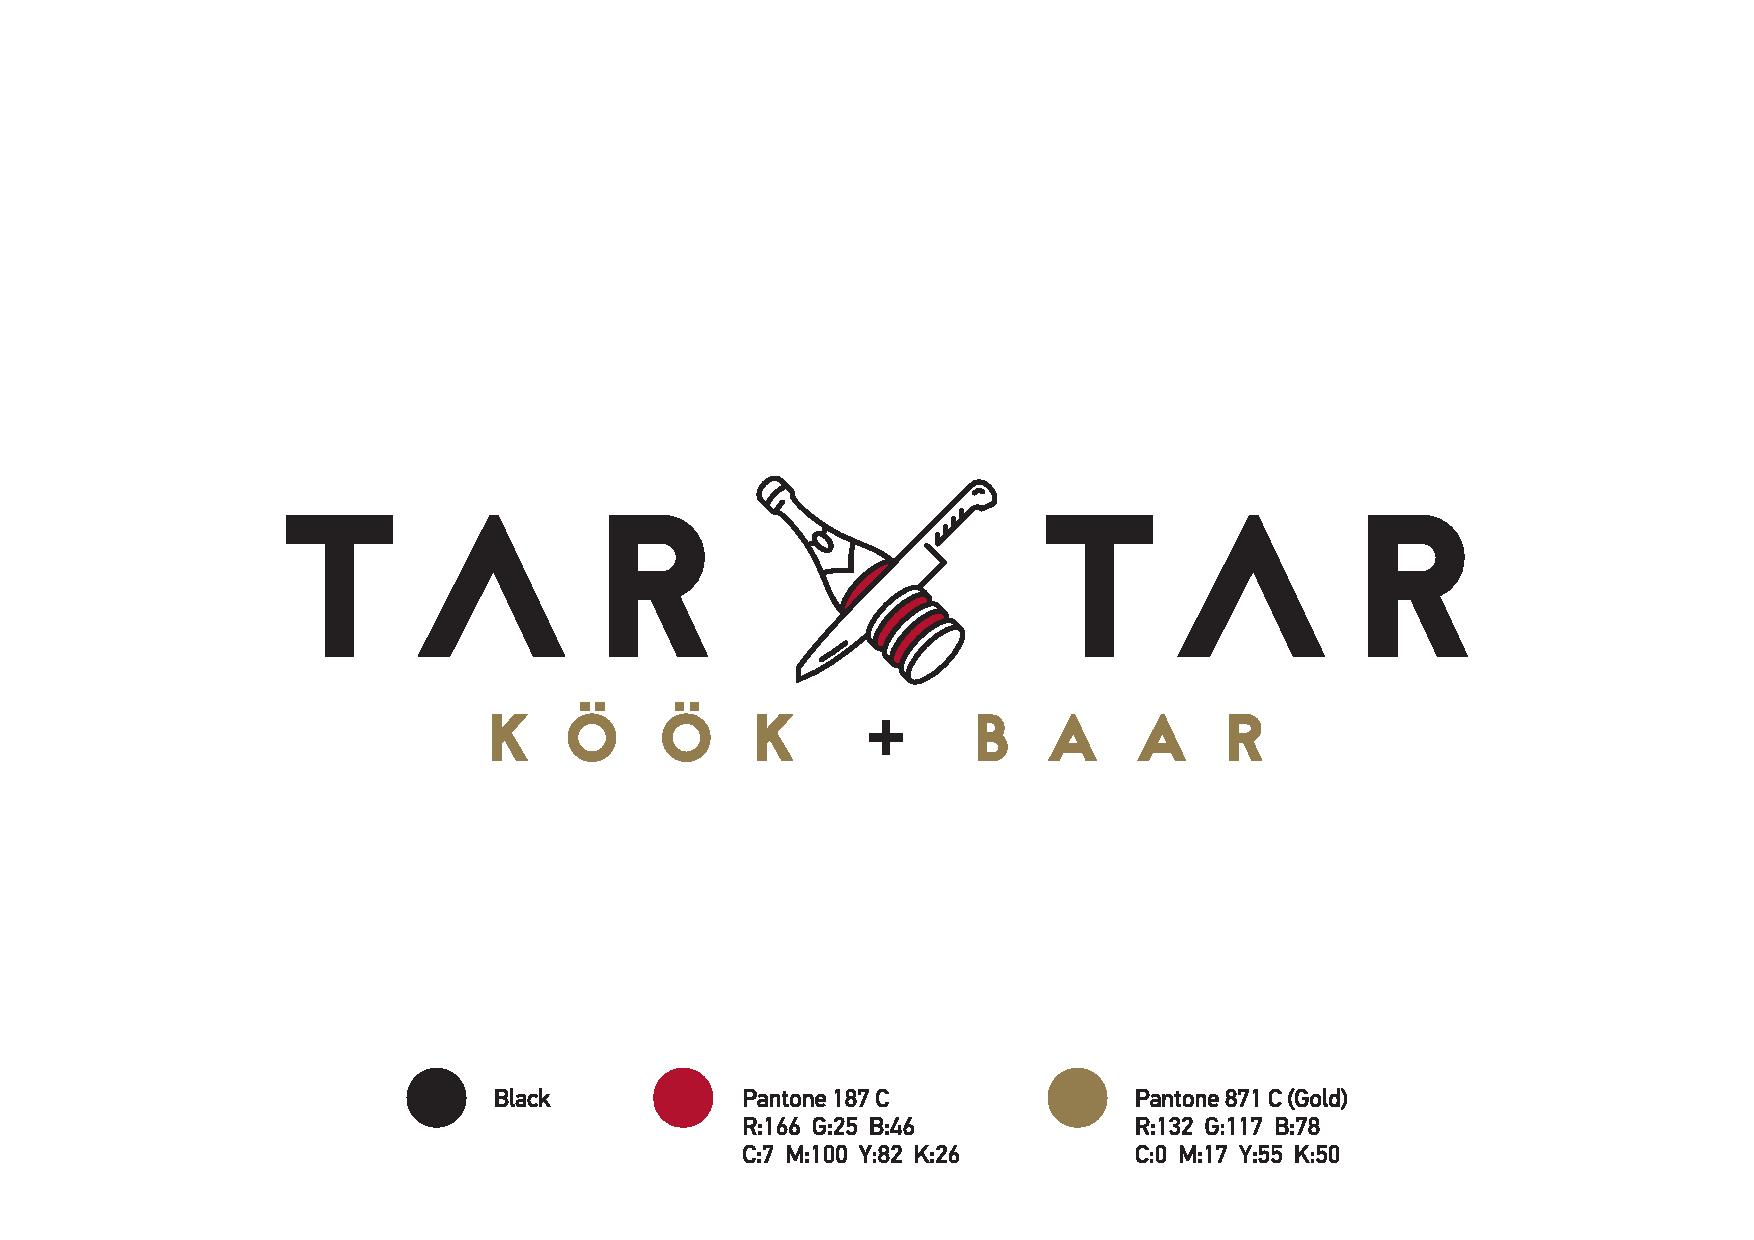 tartar_logo_021117 (1)-page-001 - Eesti Hotellide ja